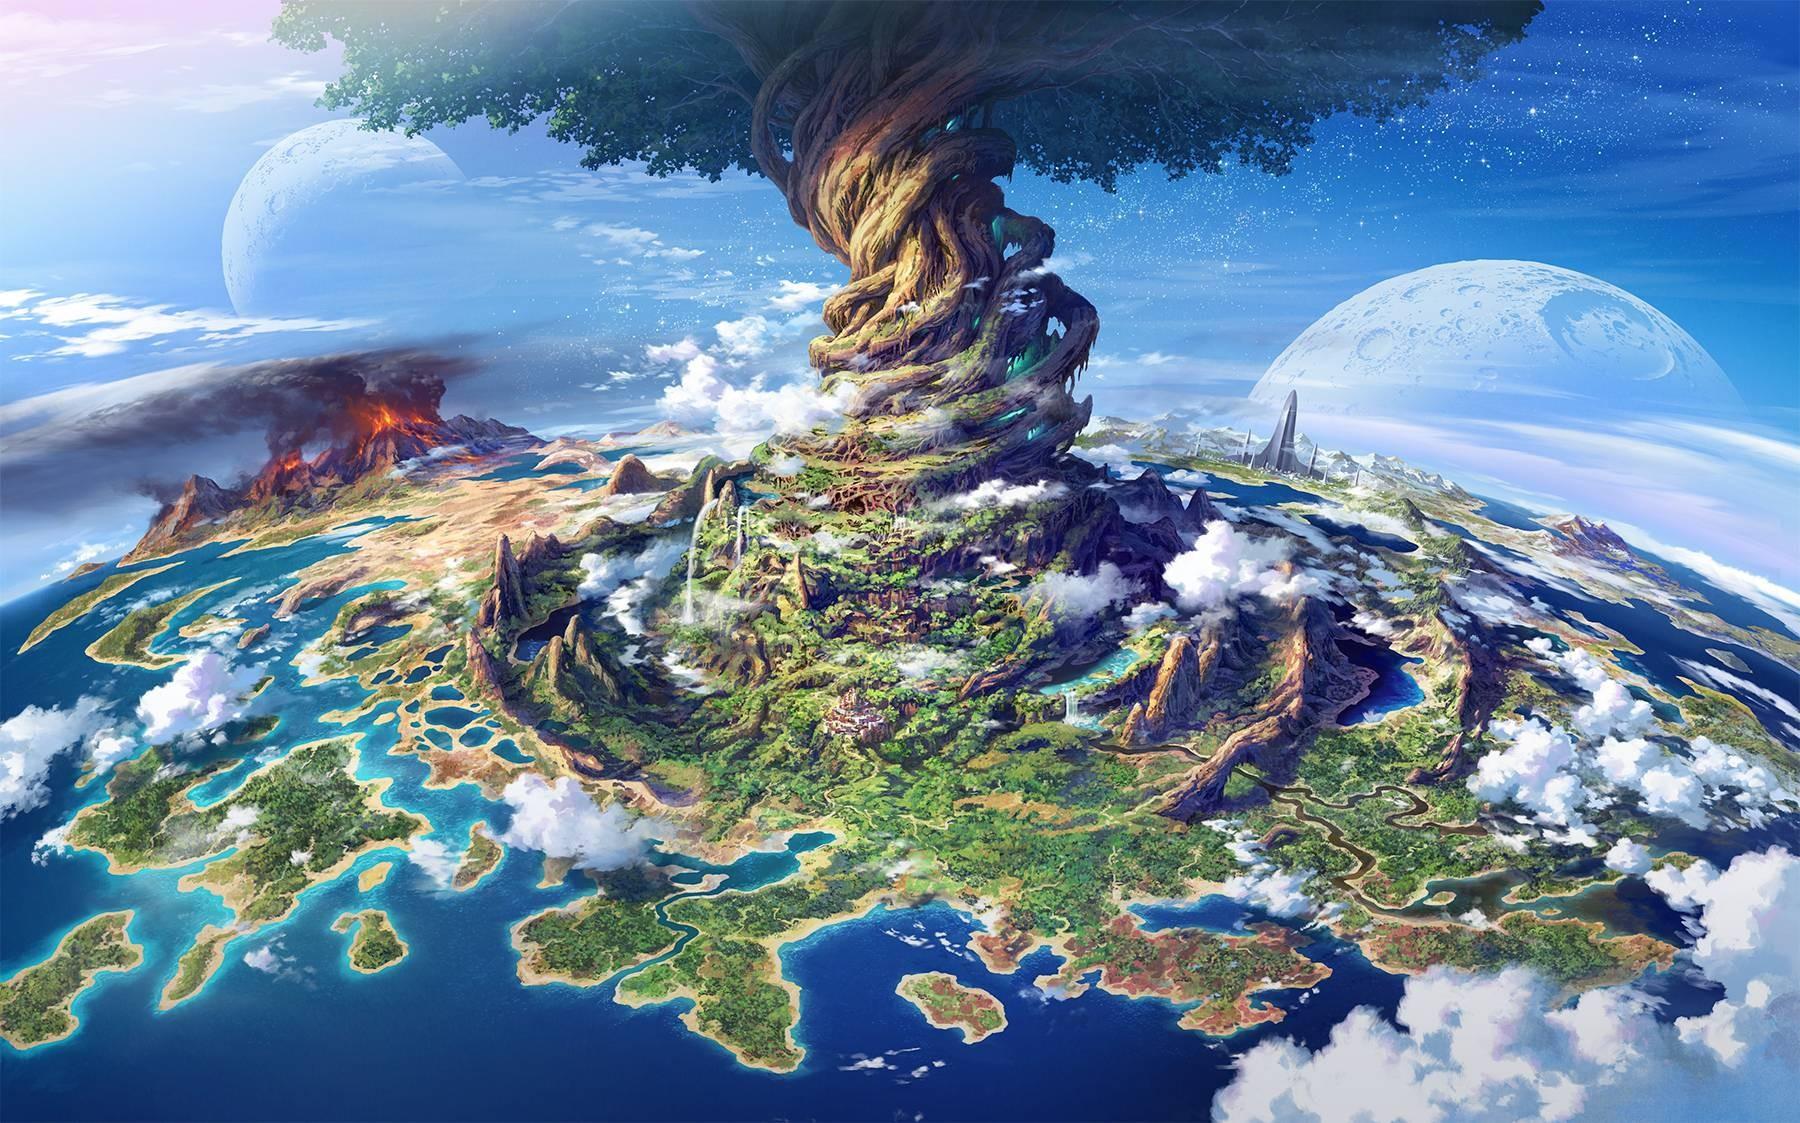 Wallpaper Trees Landscape Fantasy Art Anime Planet